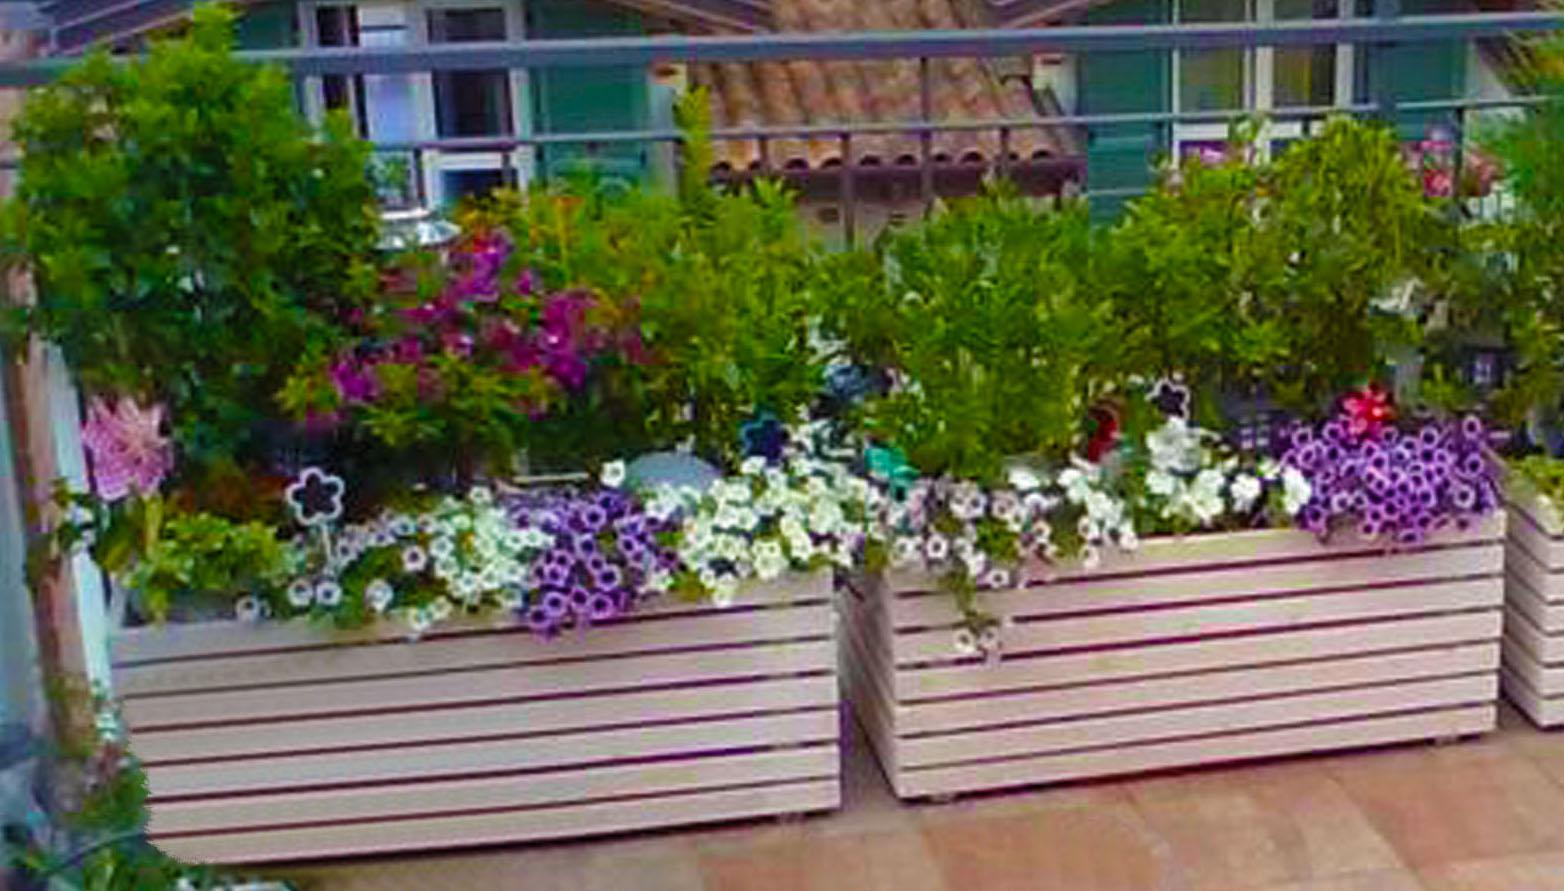 progettare spazi verdi come costruire fioriera con i pallet